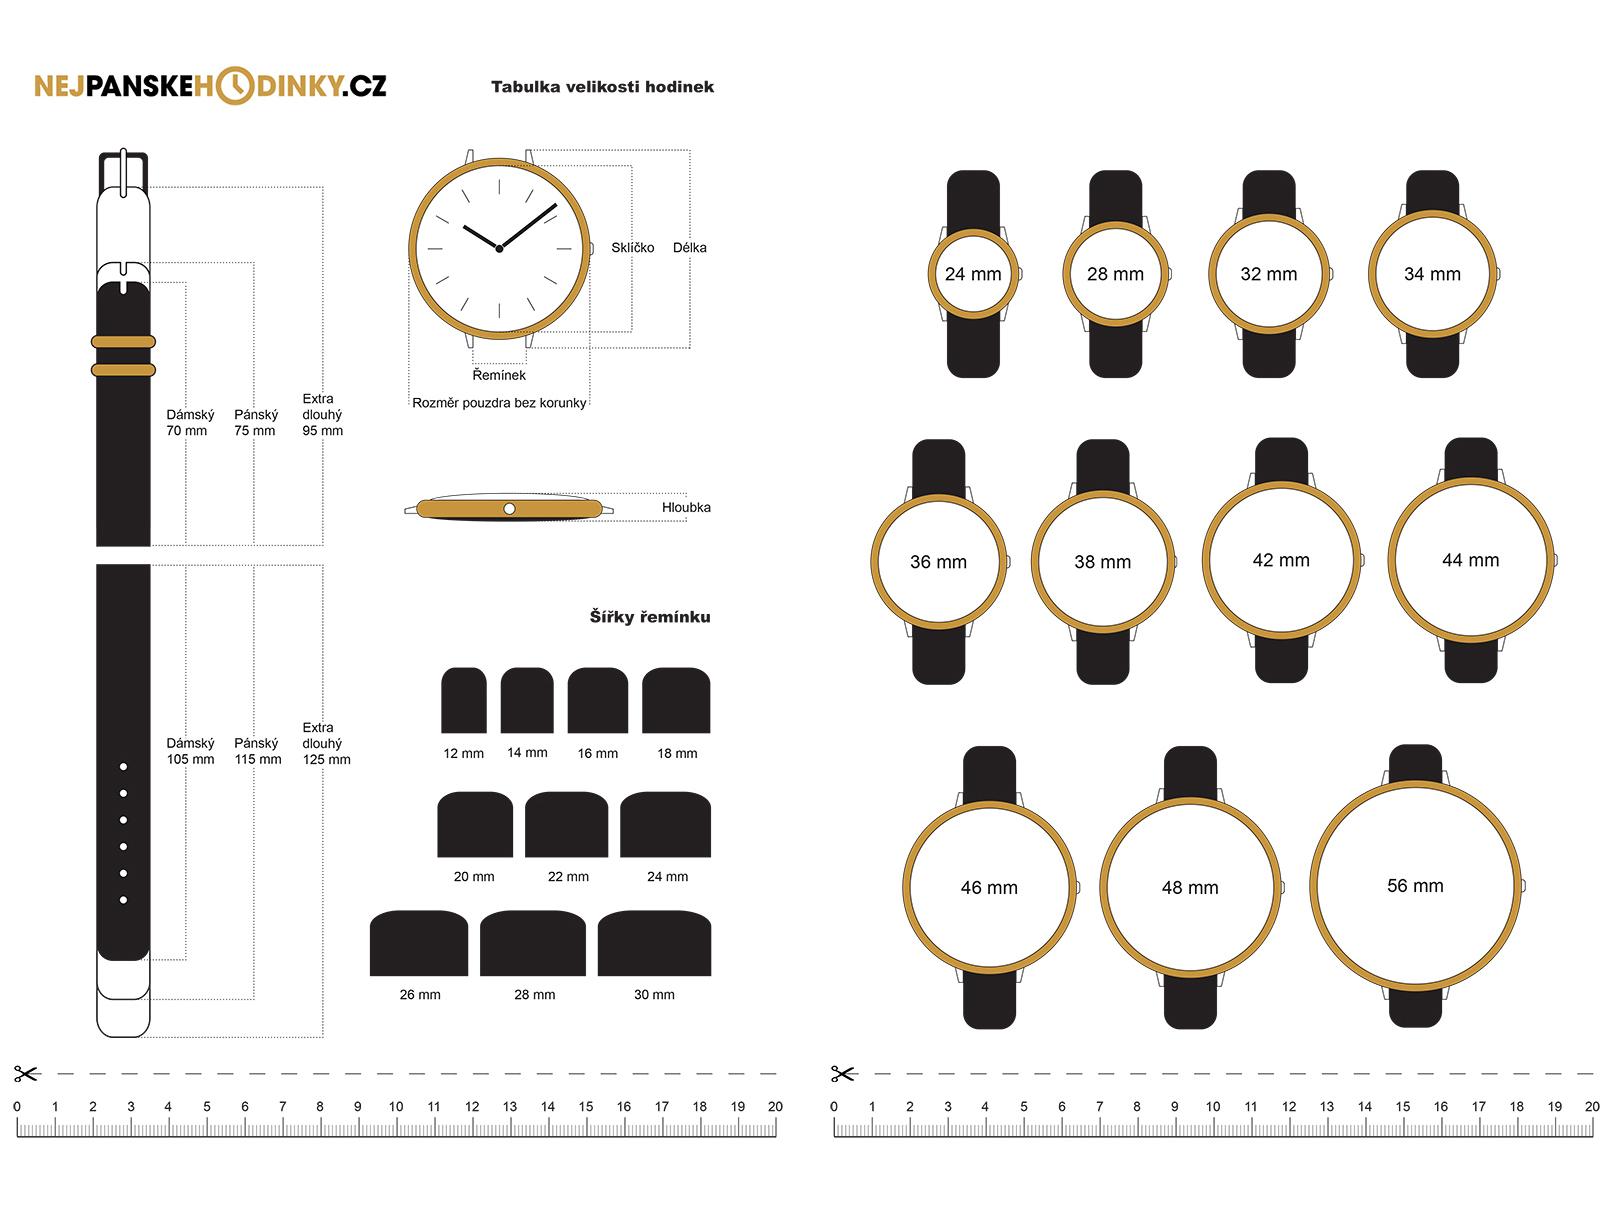 tabulka_velikosti_hodinek_(1)-1_2_copy_1